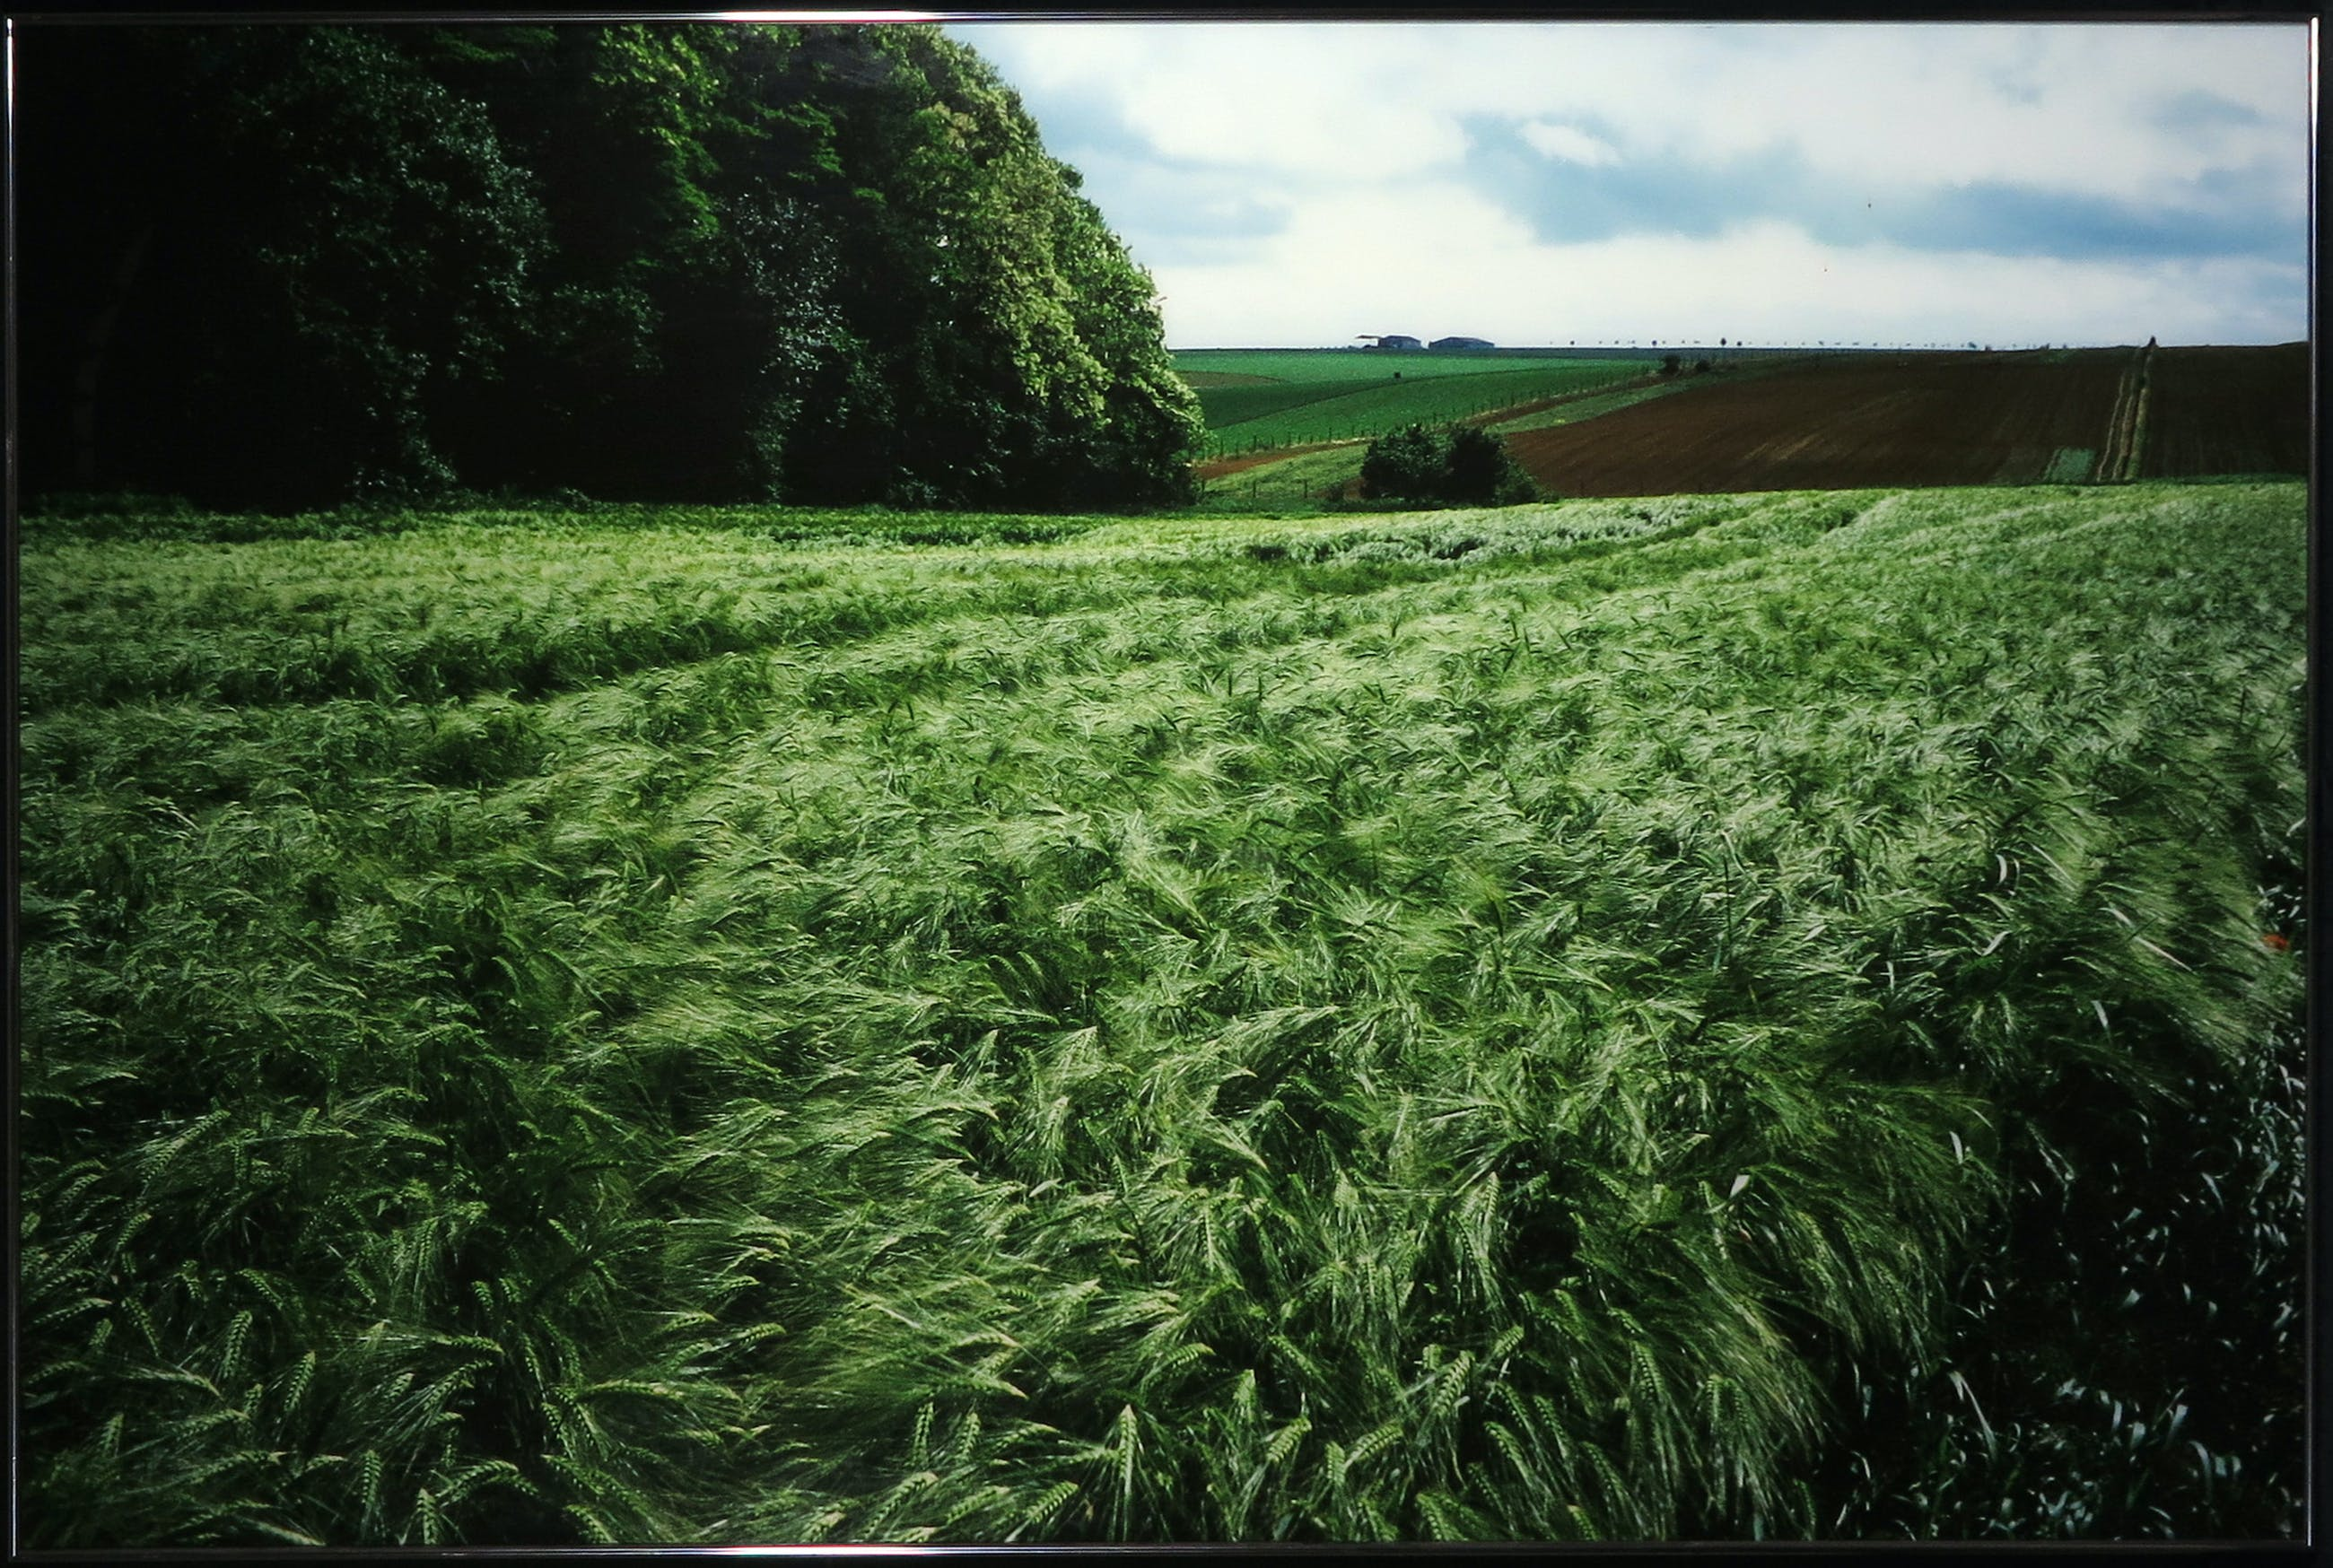 Paul Huf - C-Print, Landbouw - Ingelijst (Zeer groot) kopen? Bied vanaf 1!